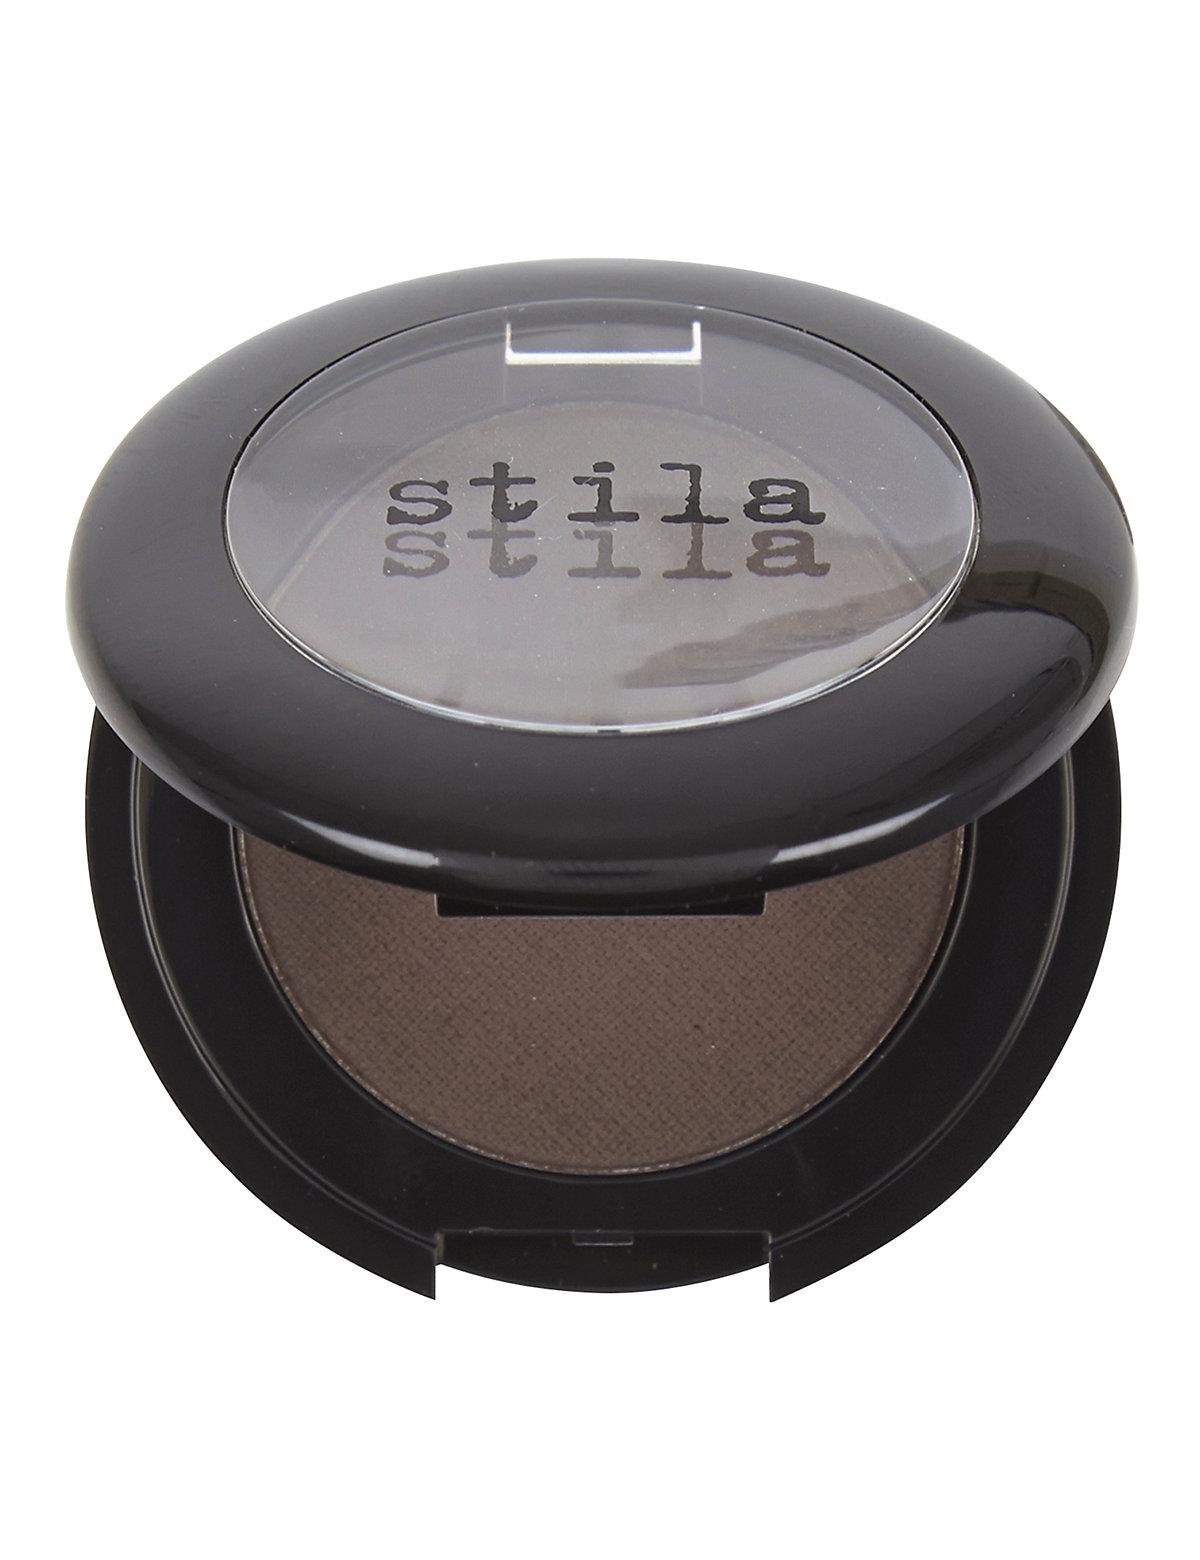 Stila Eyeshadow 2.6g